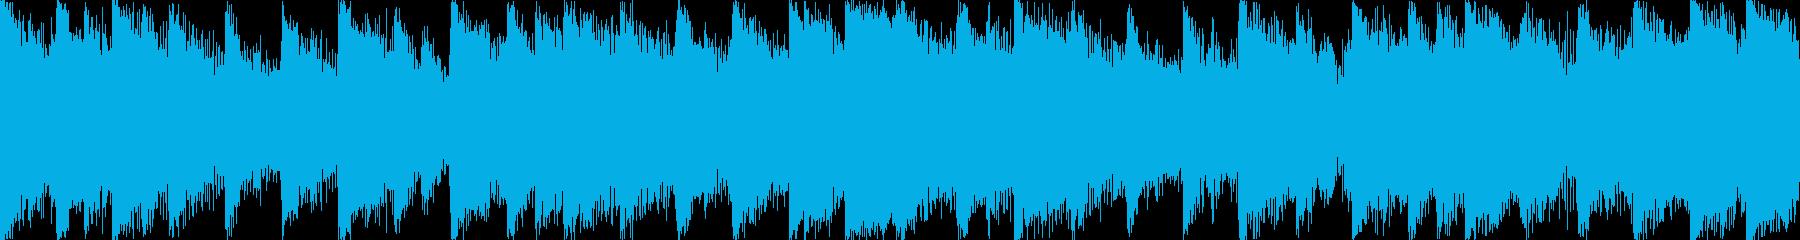 【ループB】ヘヴィーで攻撃的エレキギターの再生済みの波形